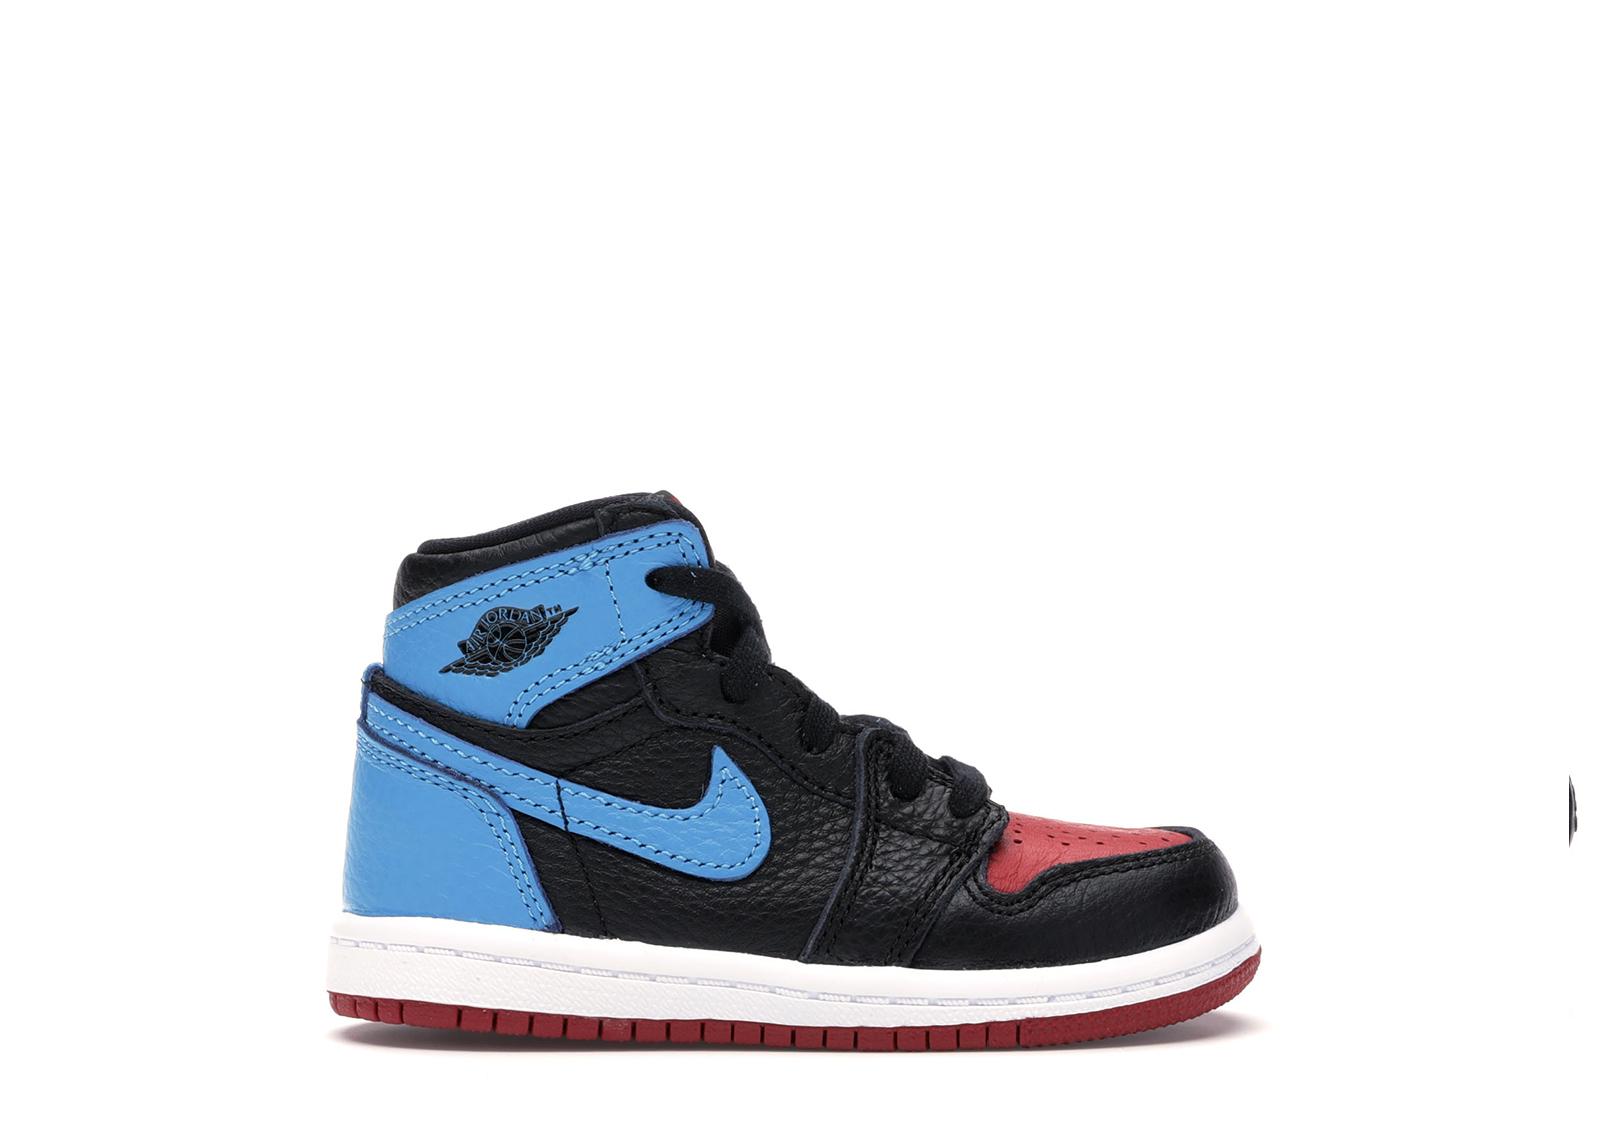 jordan 1 high unc leather